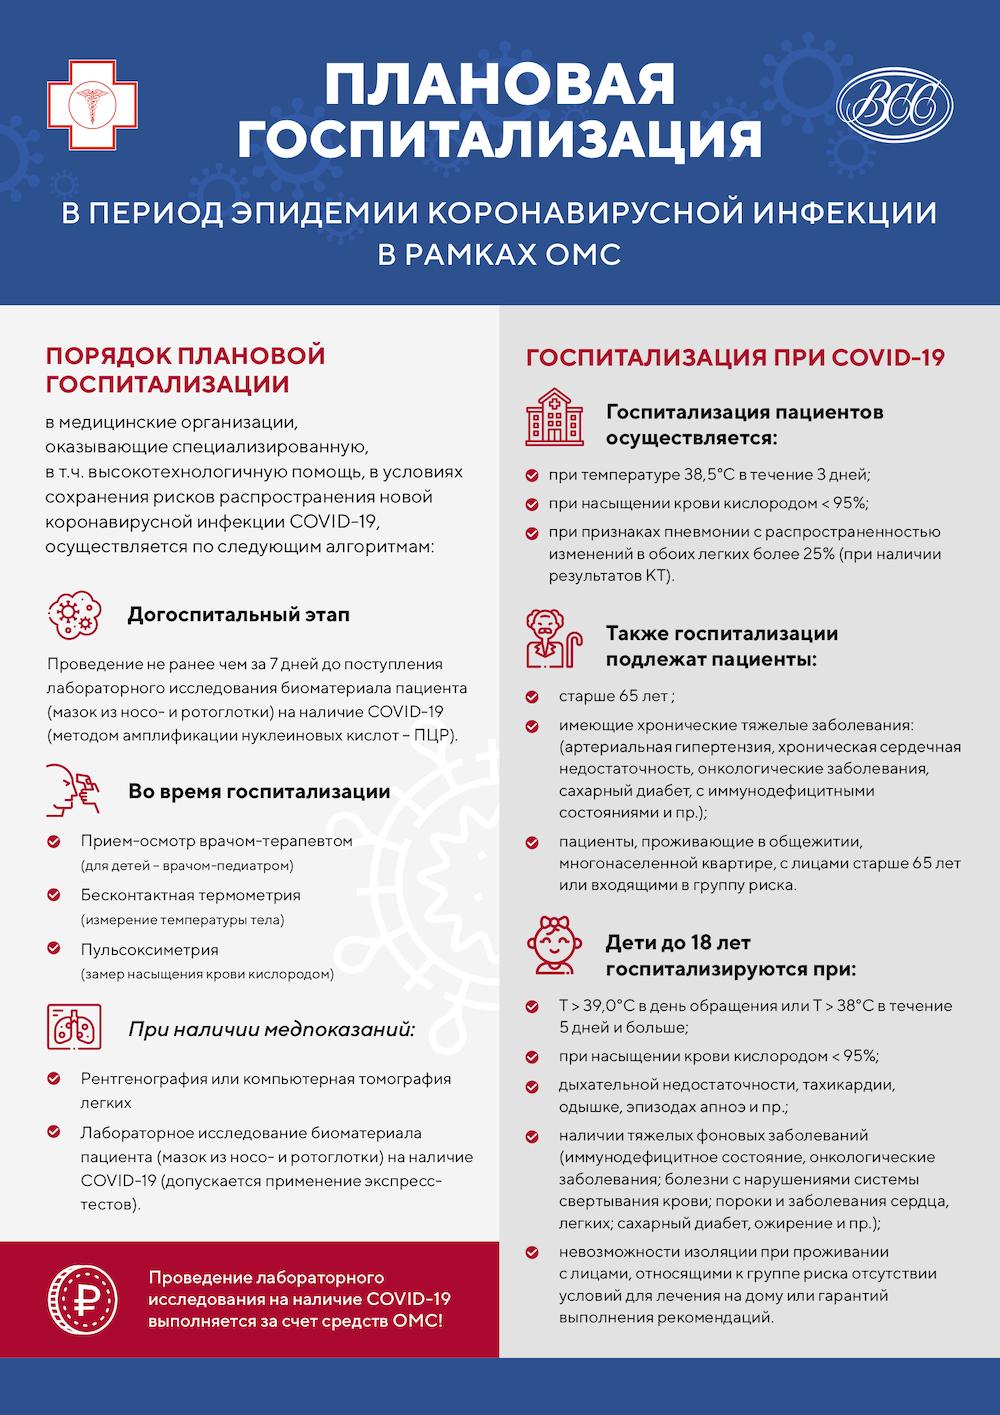 как белорусу получить медицинский полис в россии